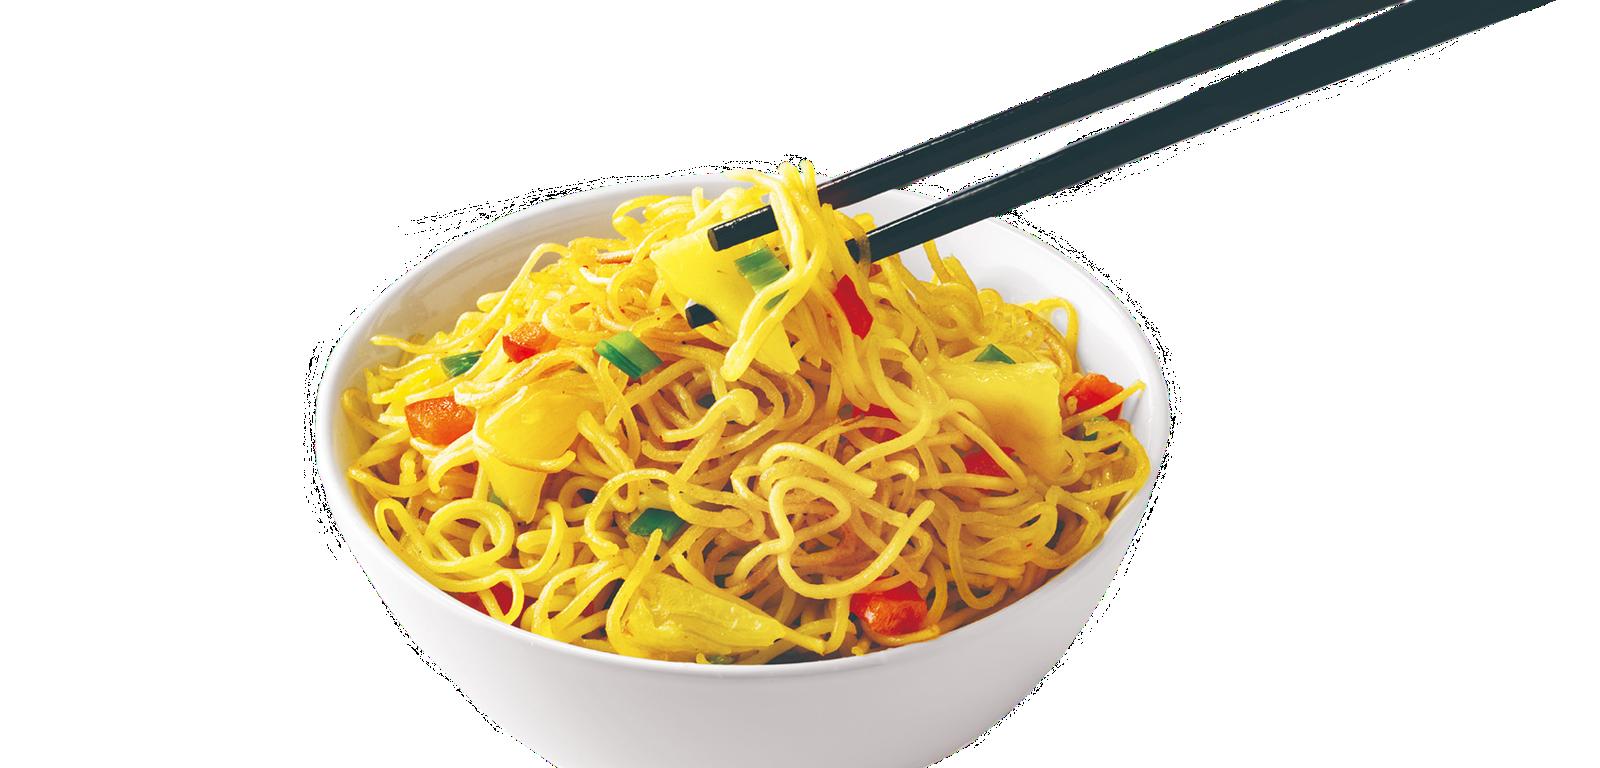 Noodle clipart spicy noodle. Noodles png hd mart